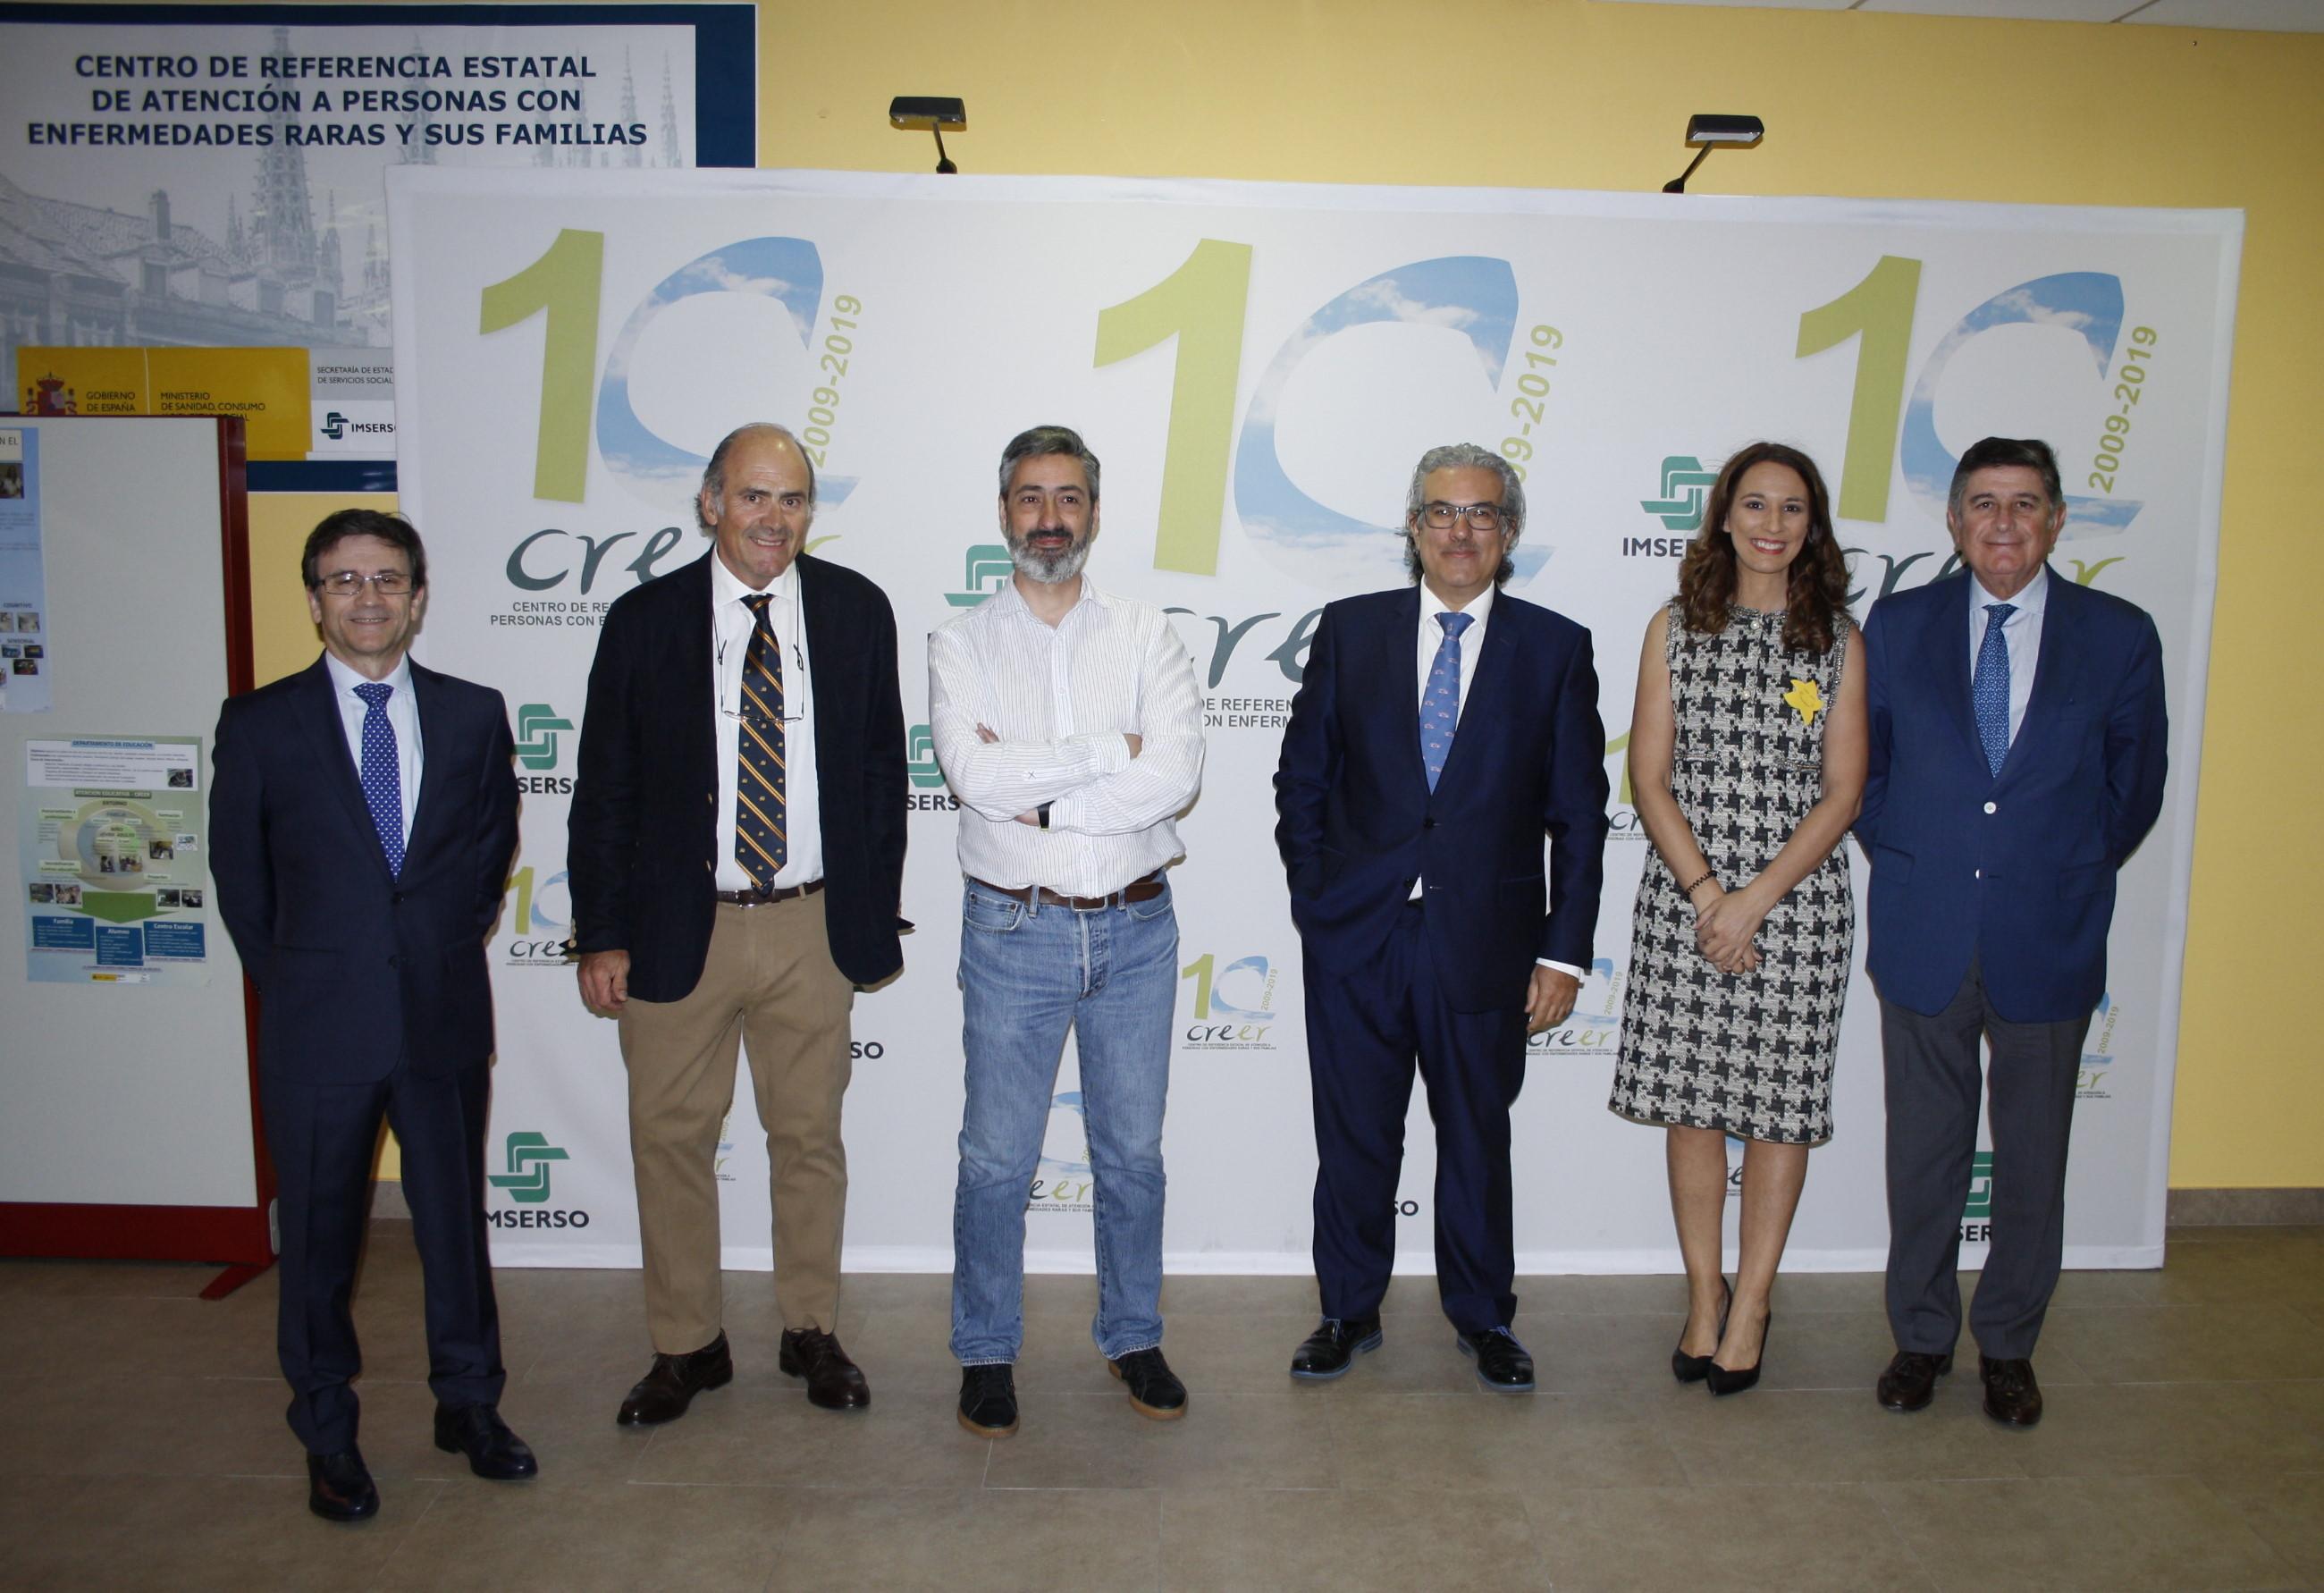 El tamaño de la región y la dispersión poblacional condicionan el abordaje de las enfermedades raras en Castilla y León